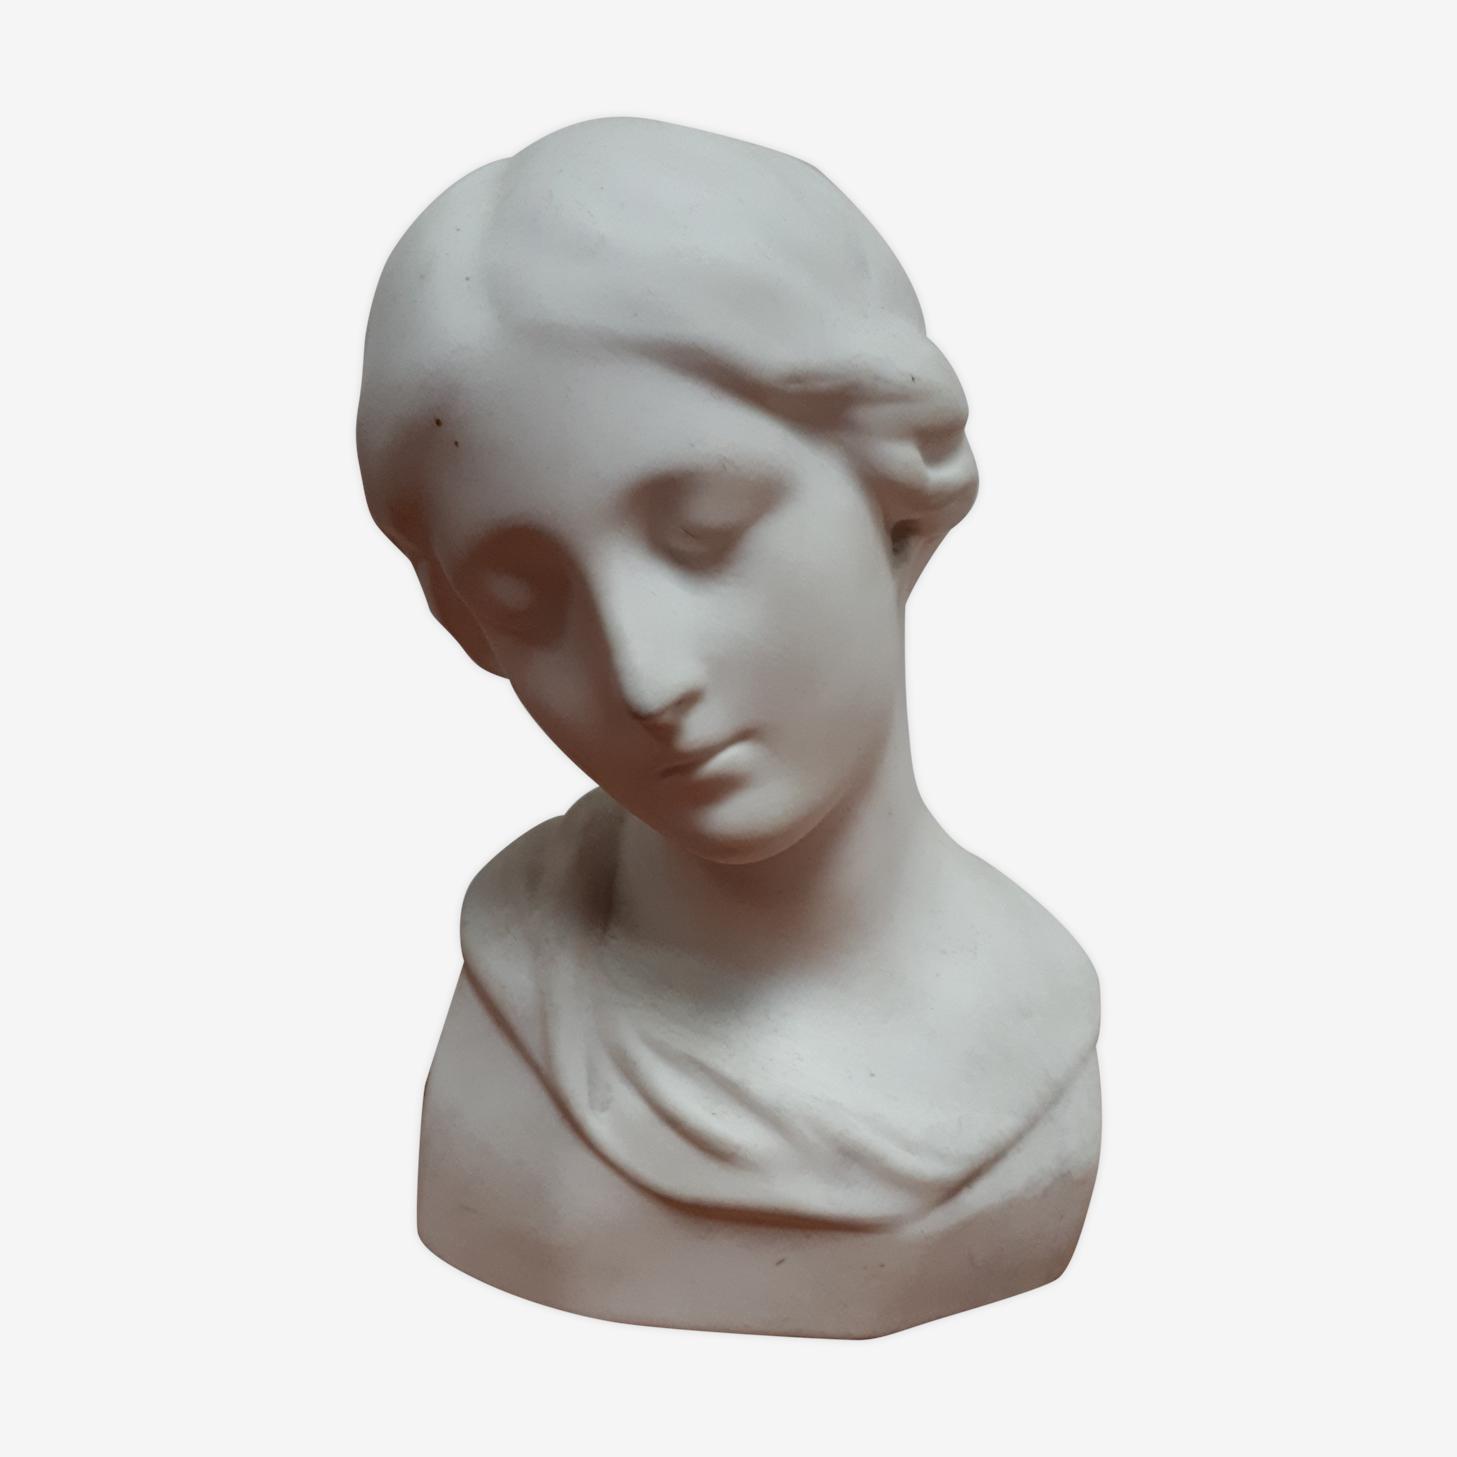 Buste biscuit porcelaine Limoges tête de jeune femme d'aprés Donatello